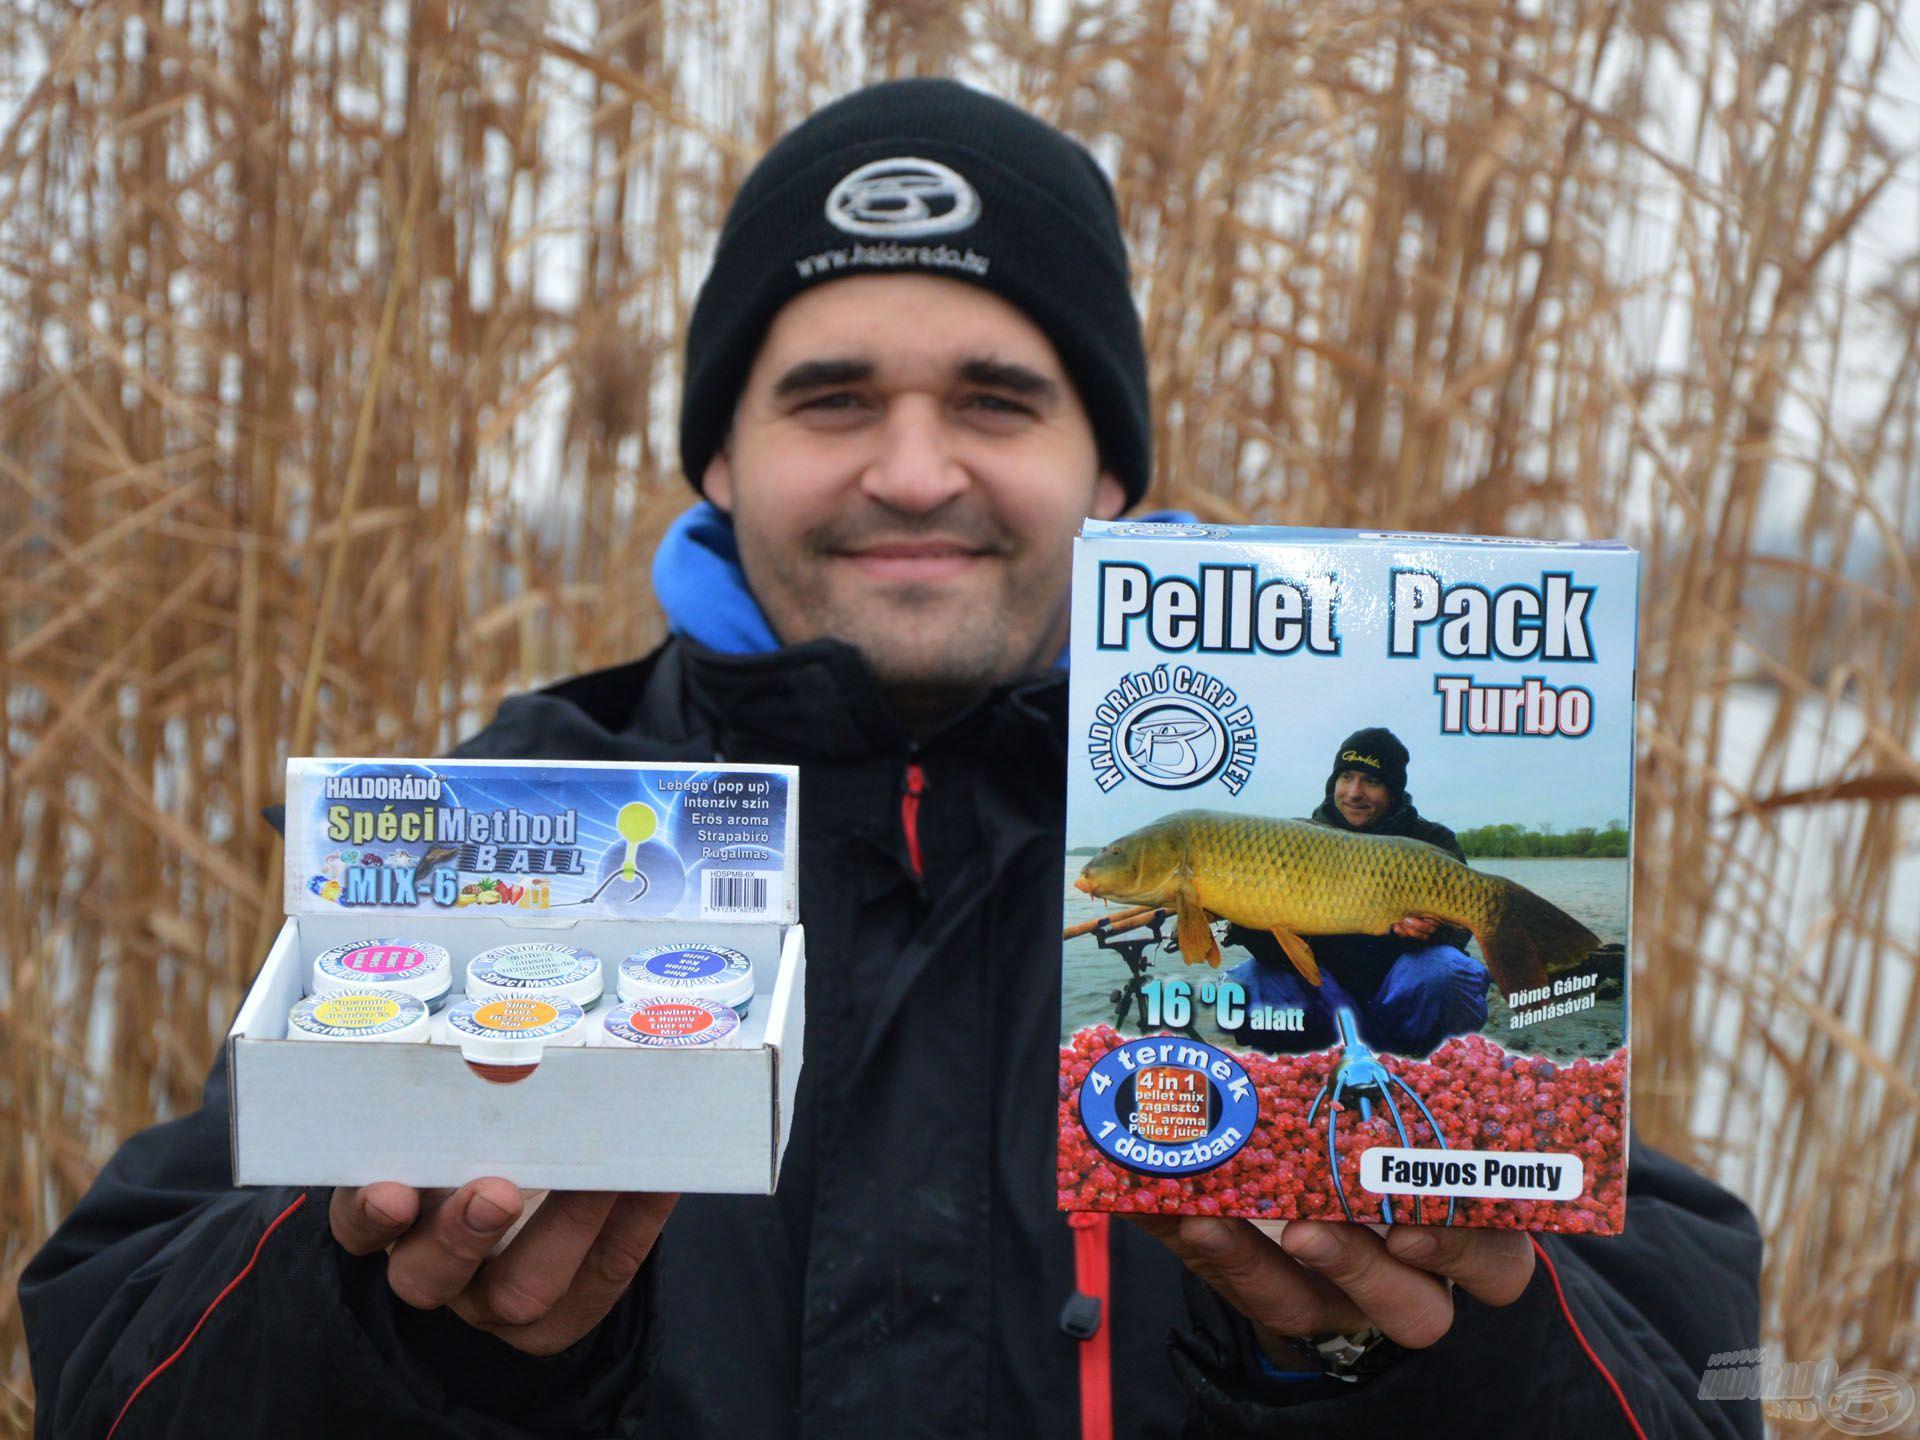 A SpéciMethod Ball és a Pellet Pack (Turbo) eredményesen használhatóak együtt is